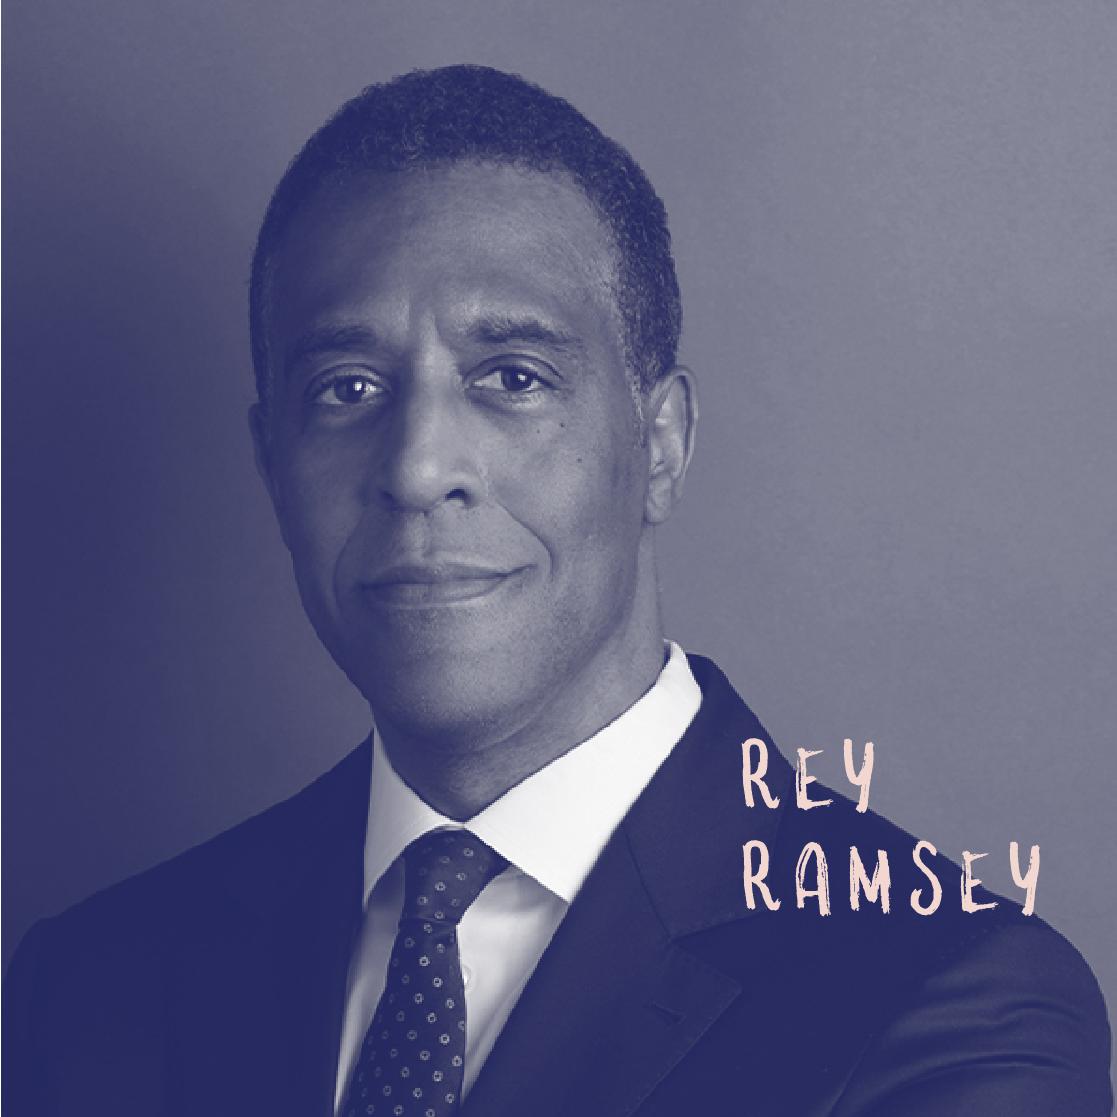 Rey Ramsey